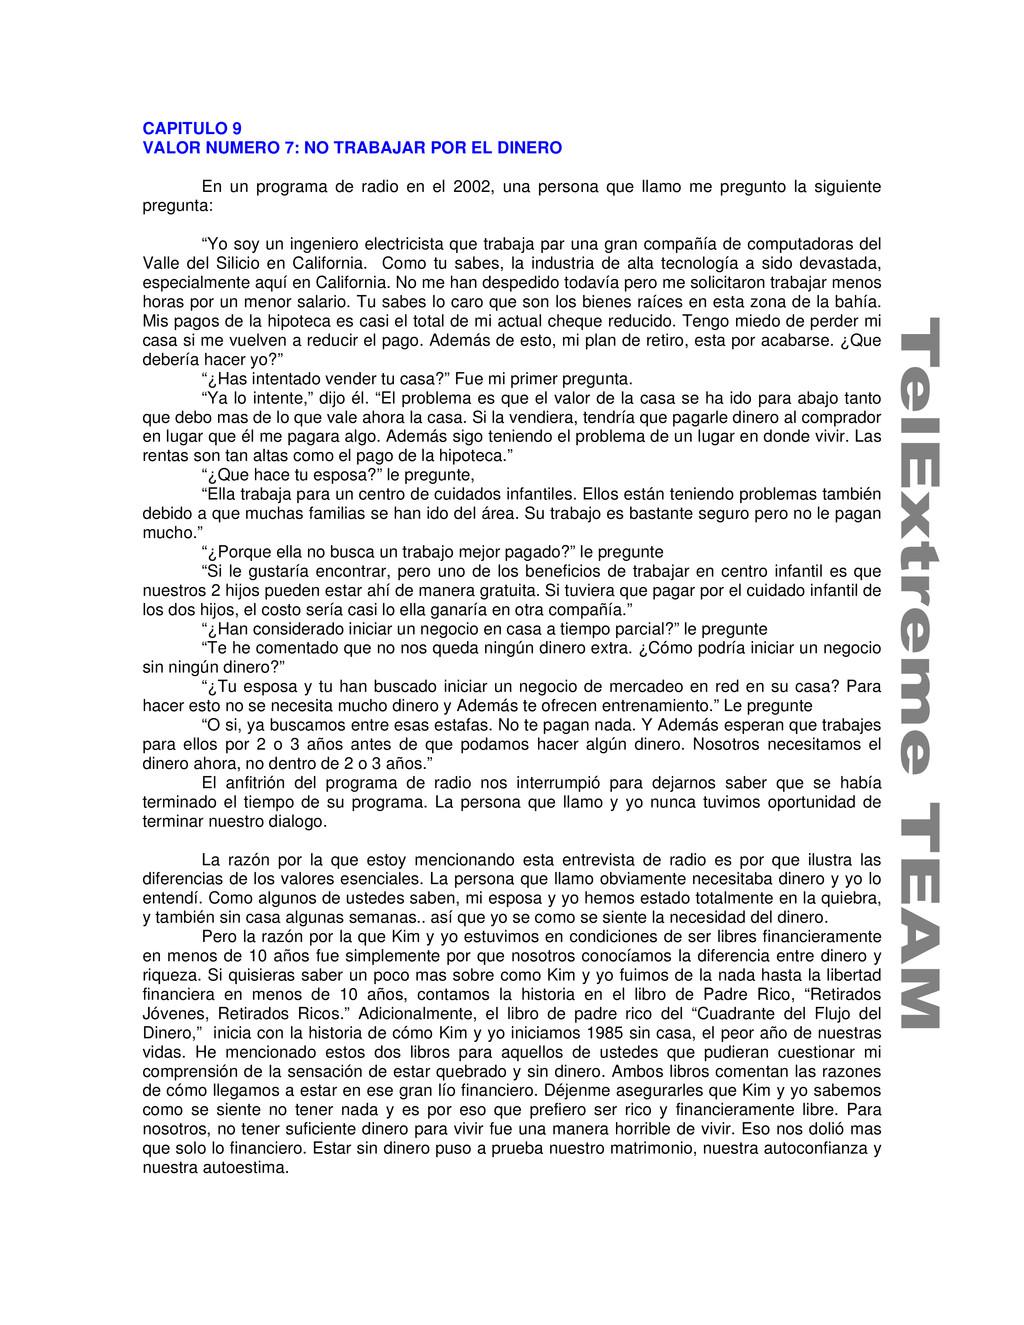 CAPITULO 9 VALOR NUMERO 7: NO TRABAJAR POR EL D...